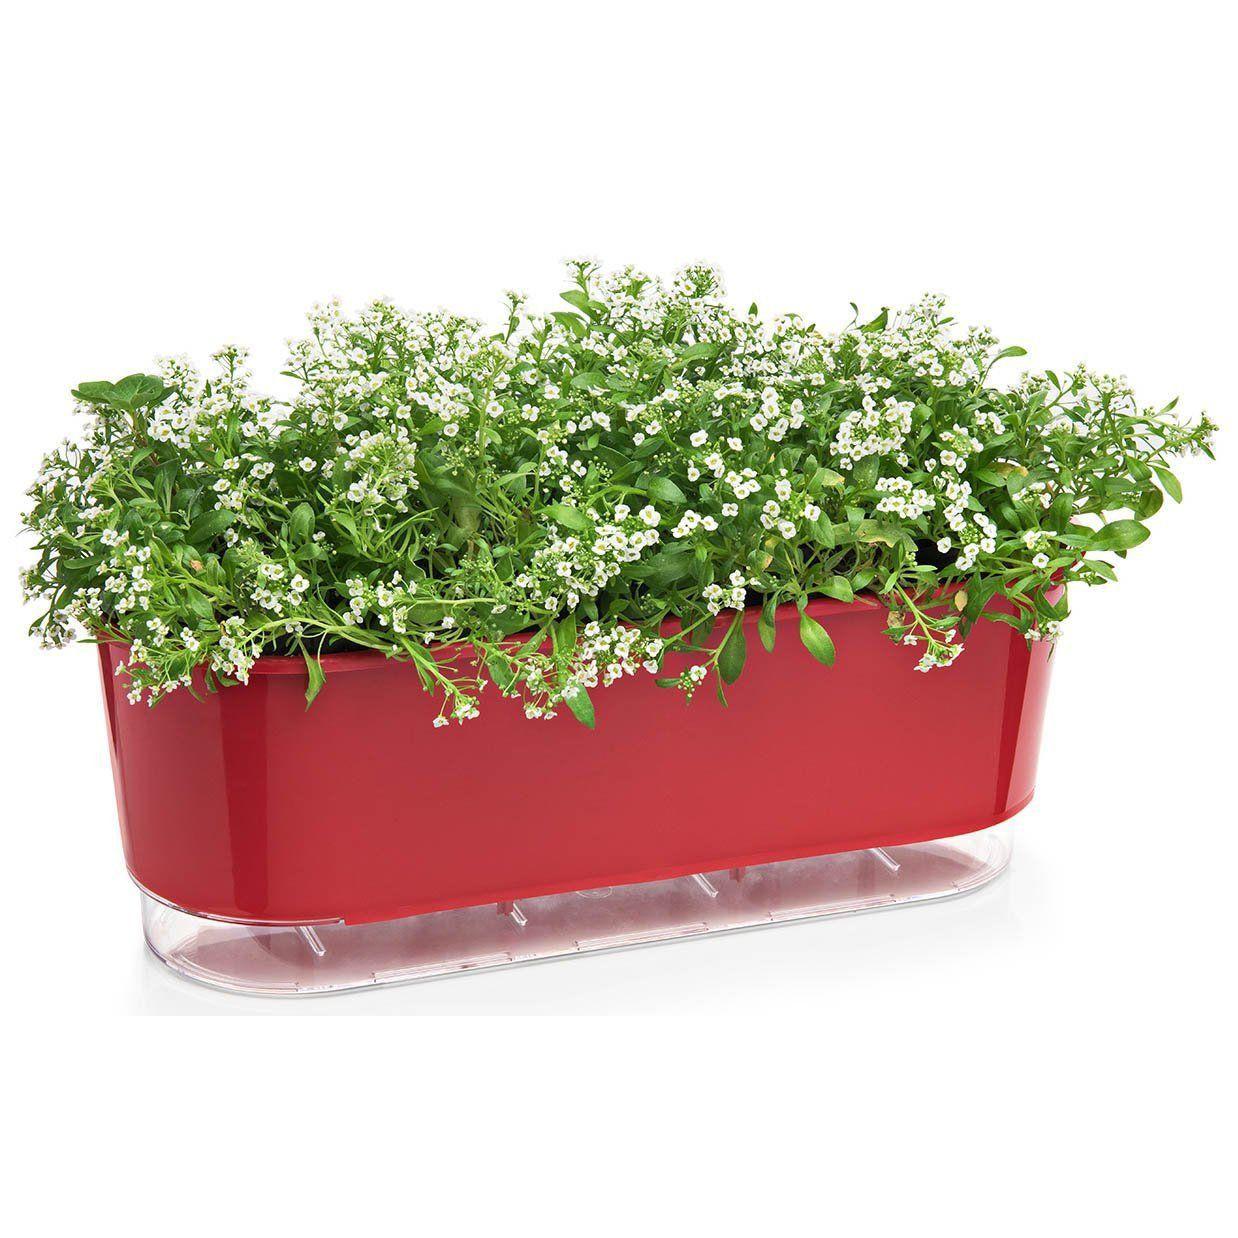 Jardineira Autoirrigável Vermelho 40cm  - Vasos Raiz Loja Oficial